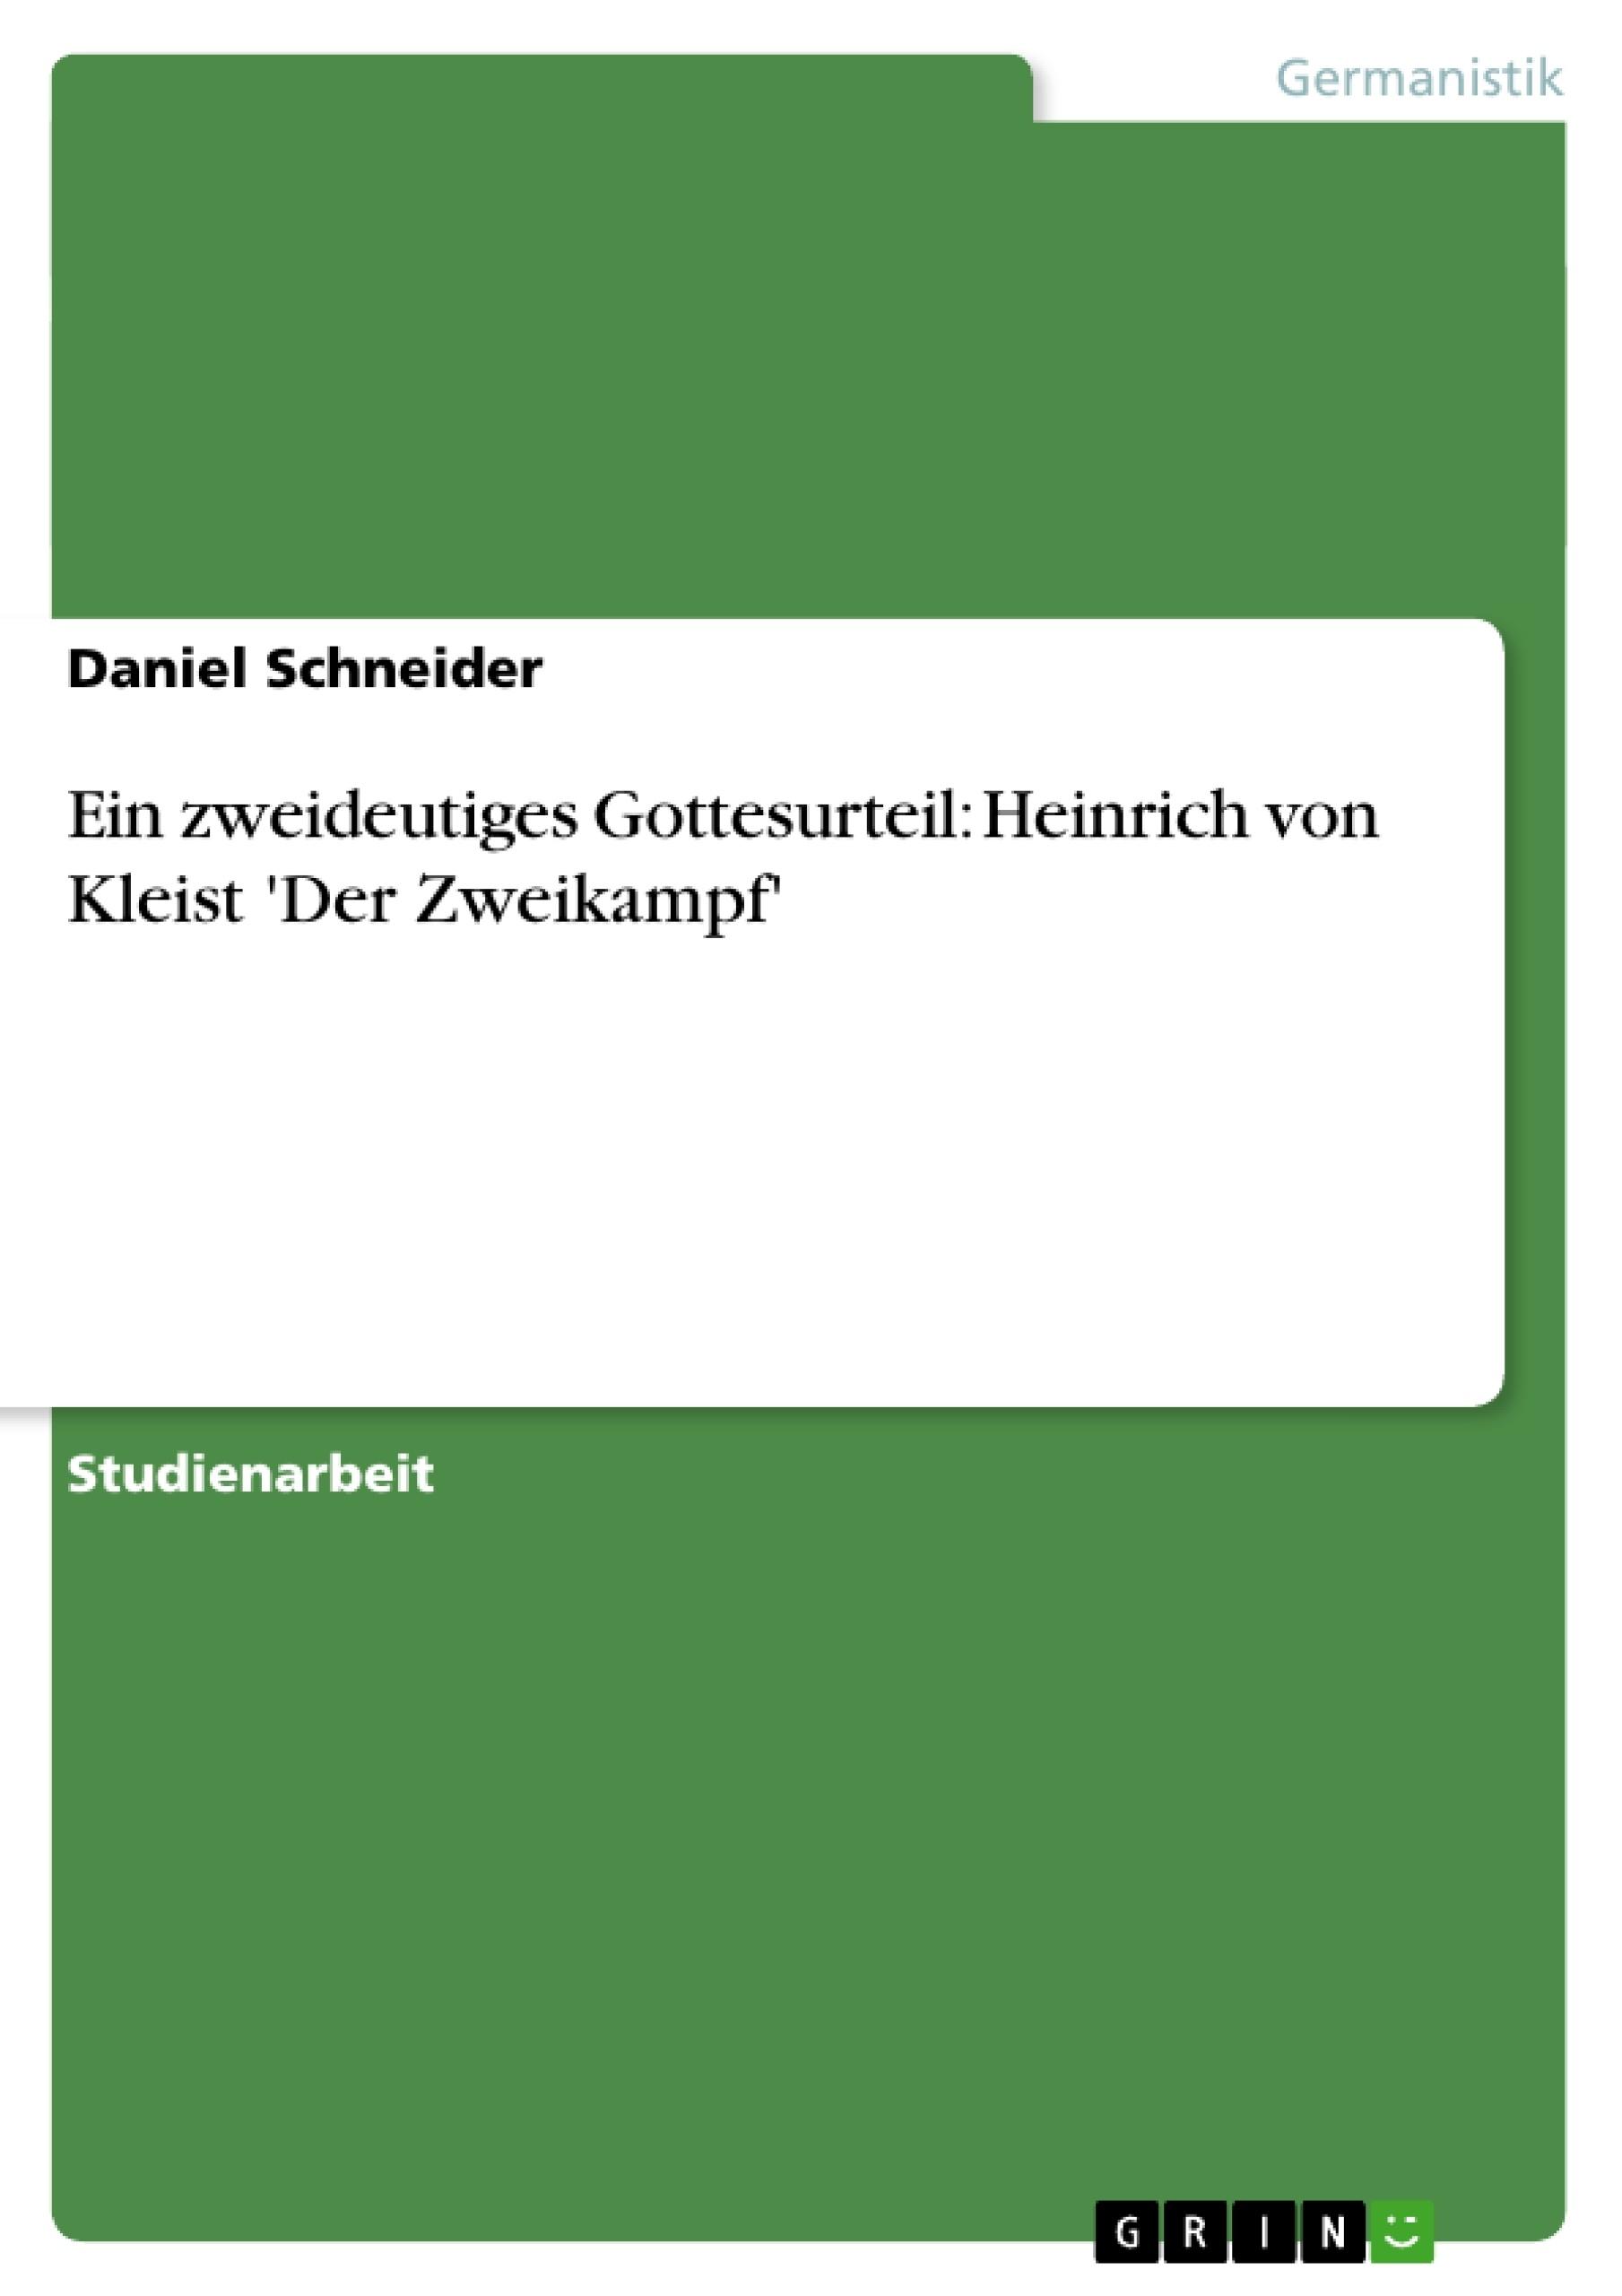 Titel: Ein zweideutiges Gottesurteil: Heinrich von Kleist 'Der Zweikampf'